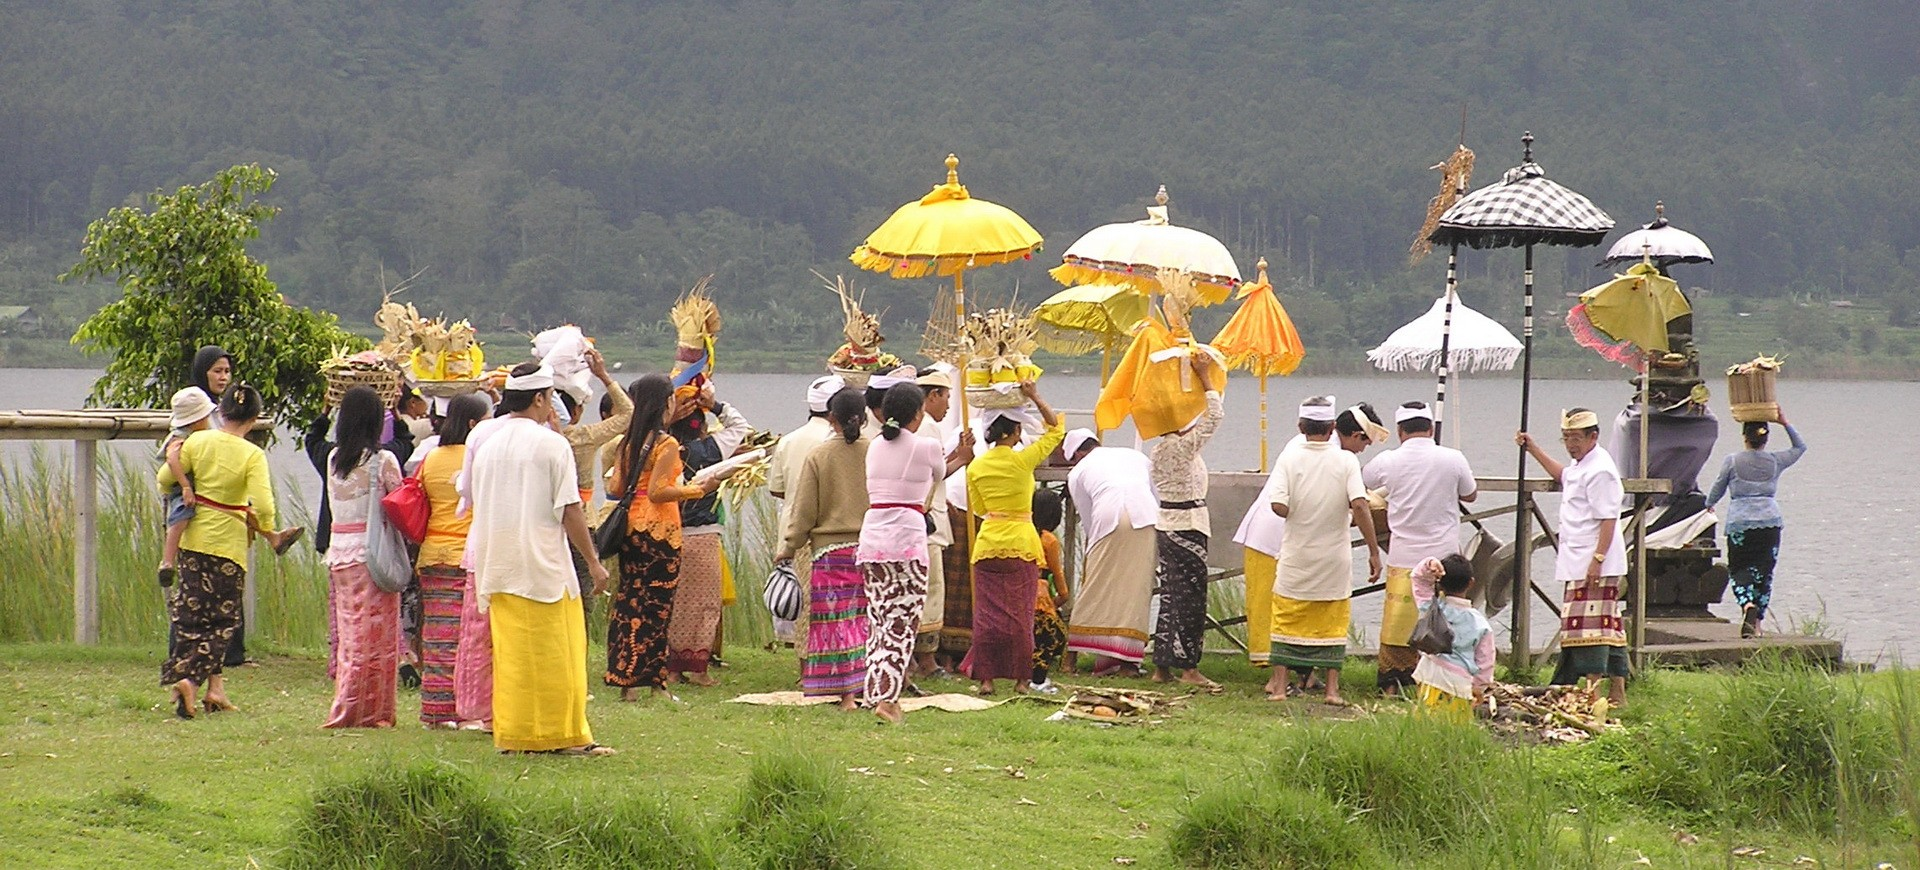 Cérémonie des Offerandes aux Dieux à Bali